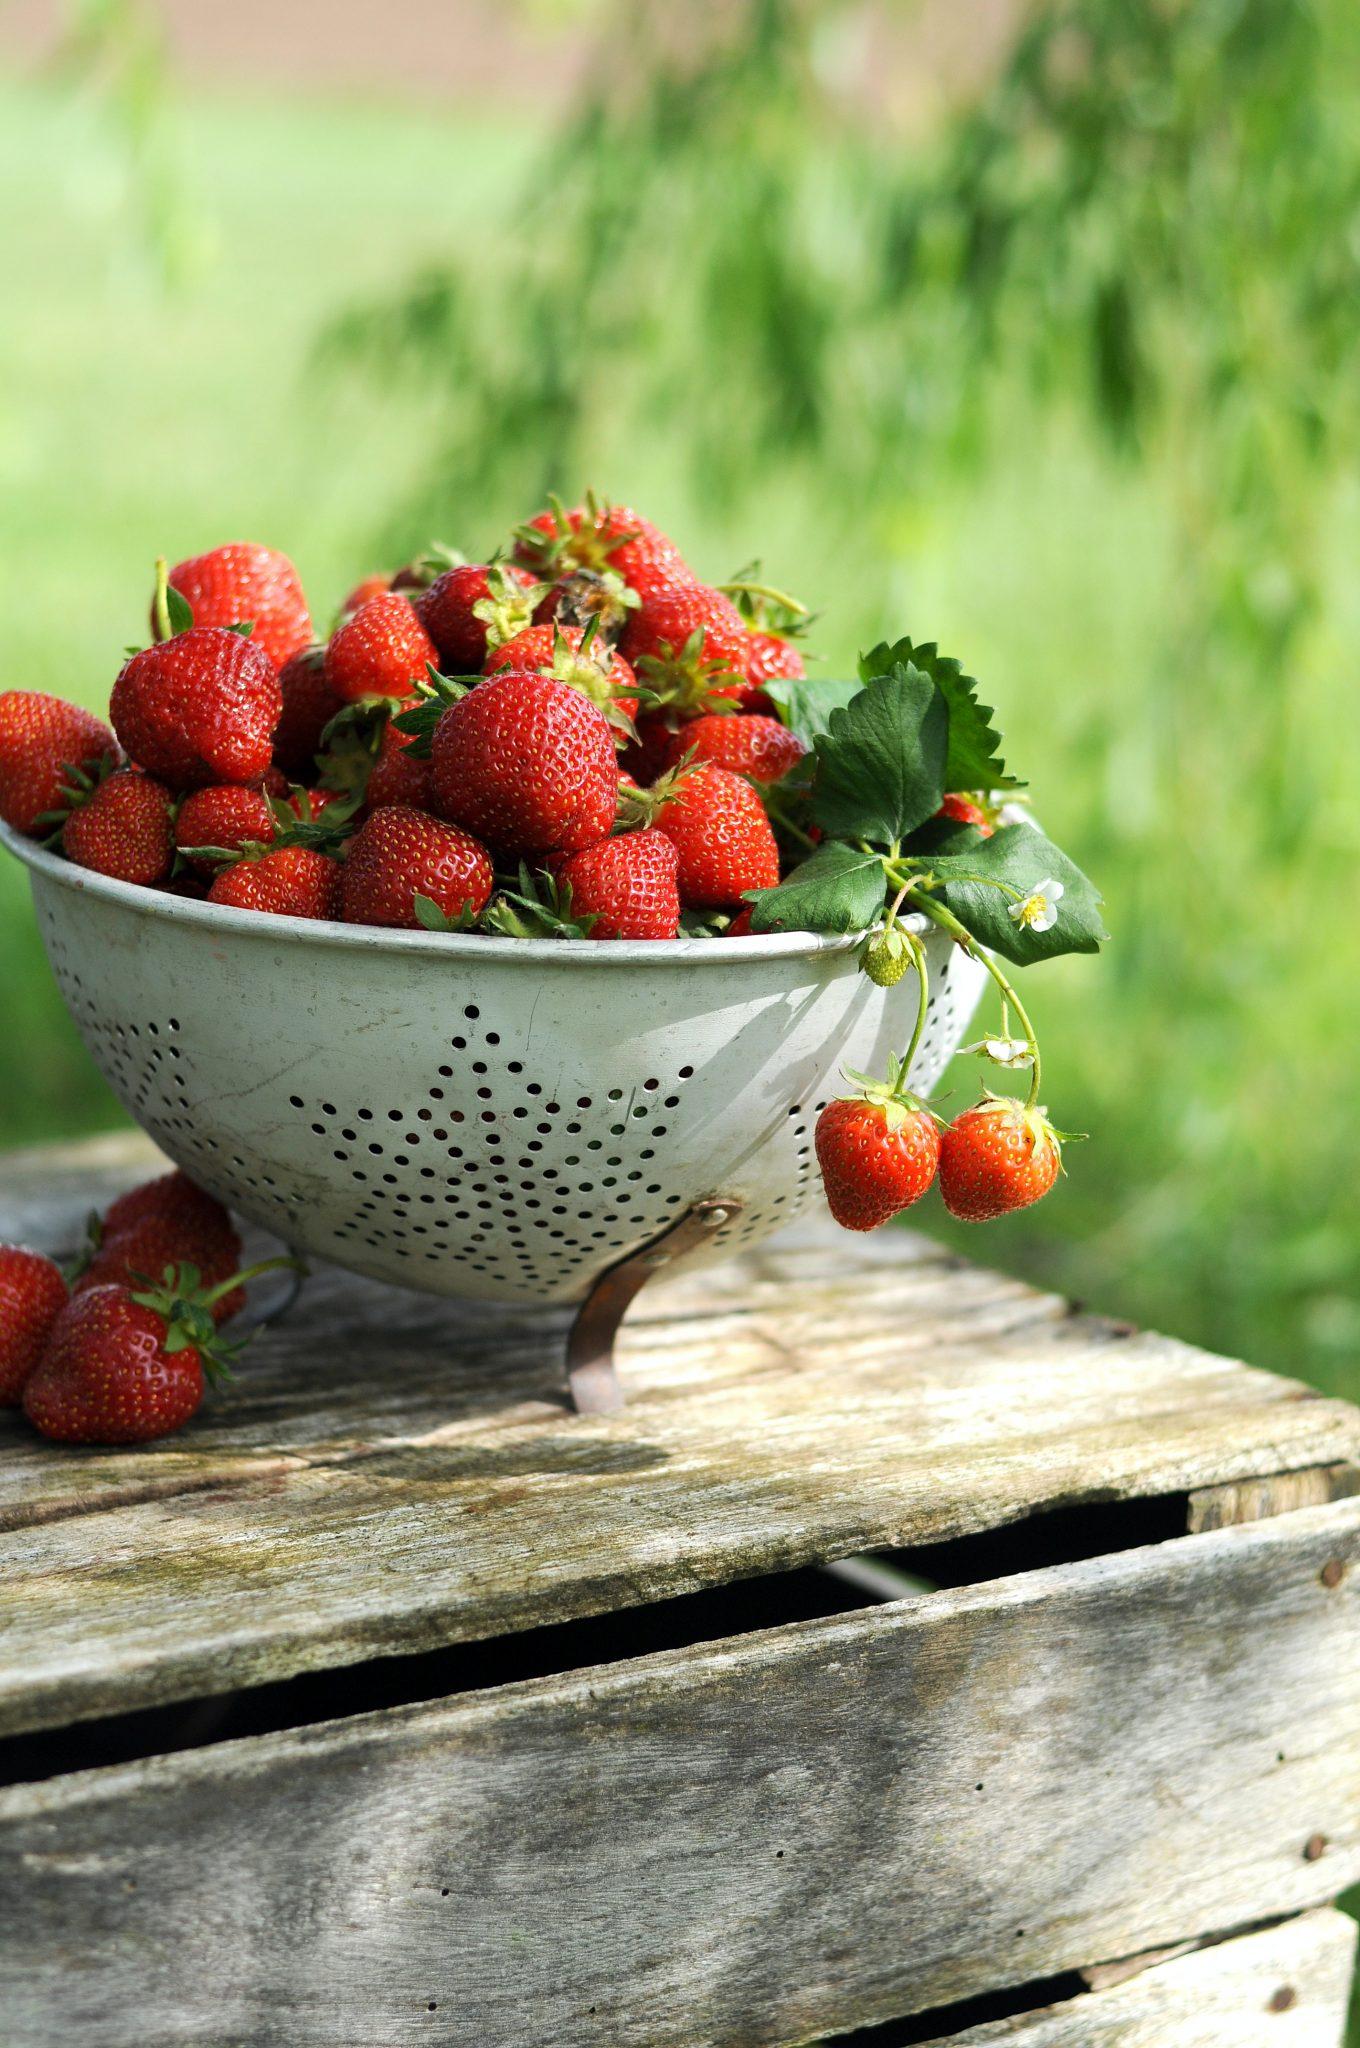 strawberrries in a vintage metal colander